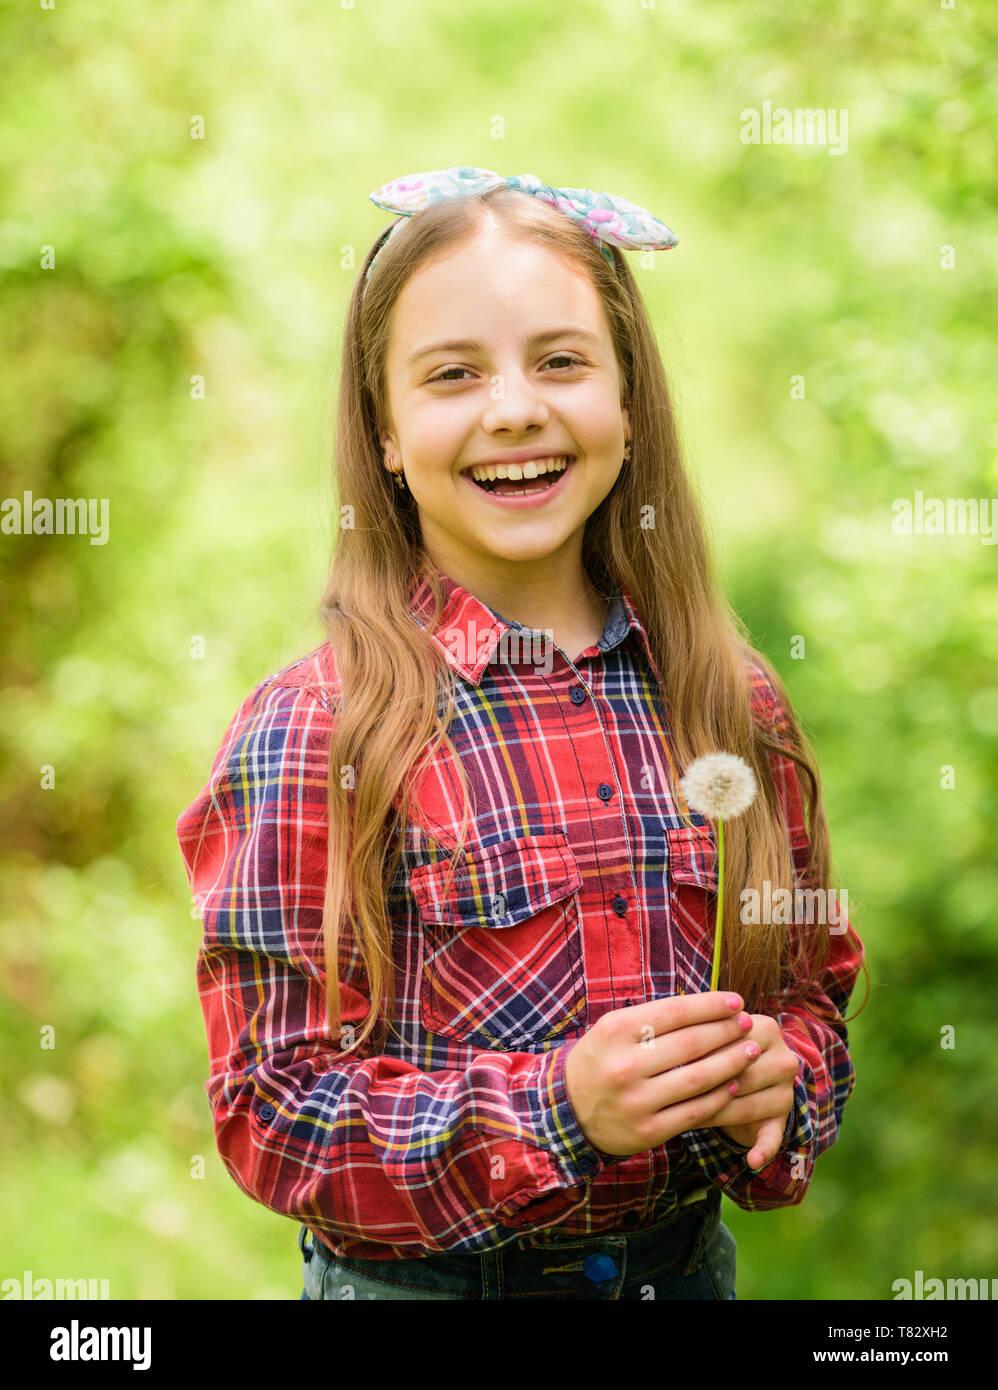 Mädchen cute Teen gekleidet Land rustikalen Stil kariertem Hemd natur Hintergrund. Löwenzahn ist wunderschön und voller Symbolik. Feiert Rückkehr des Sommers. Der Sommer ist da. Sommer Garten Blumen. Stockbild